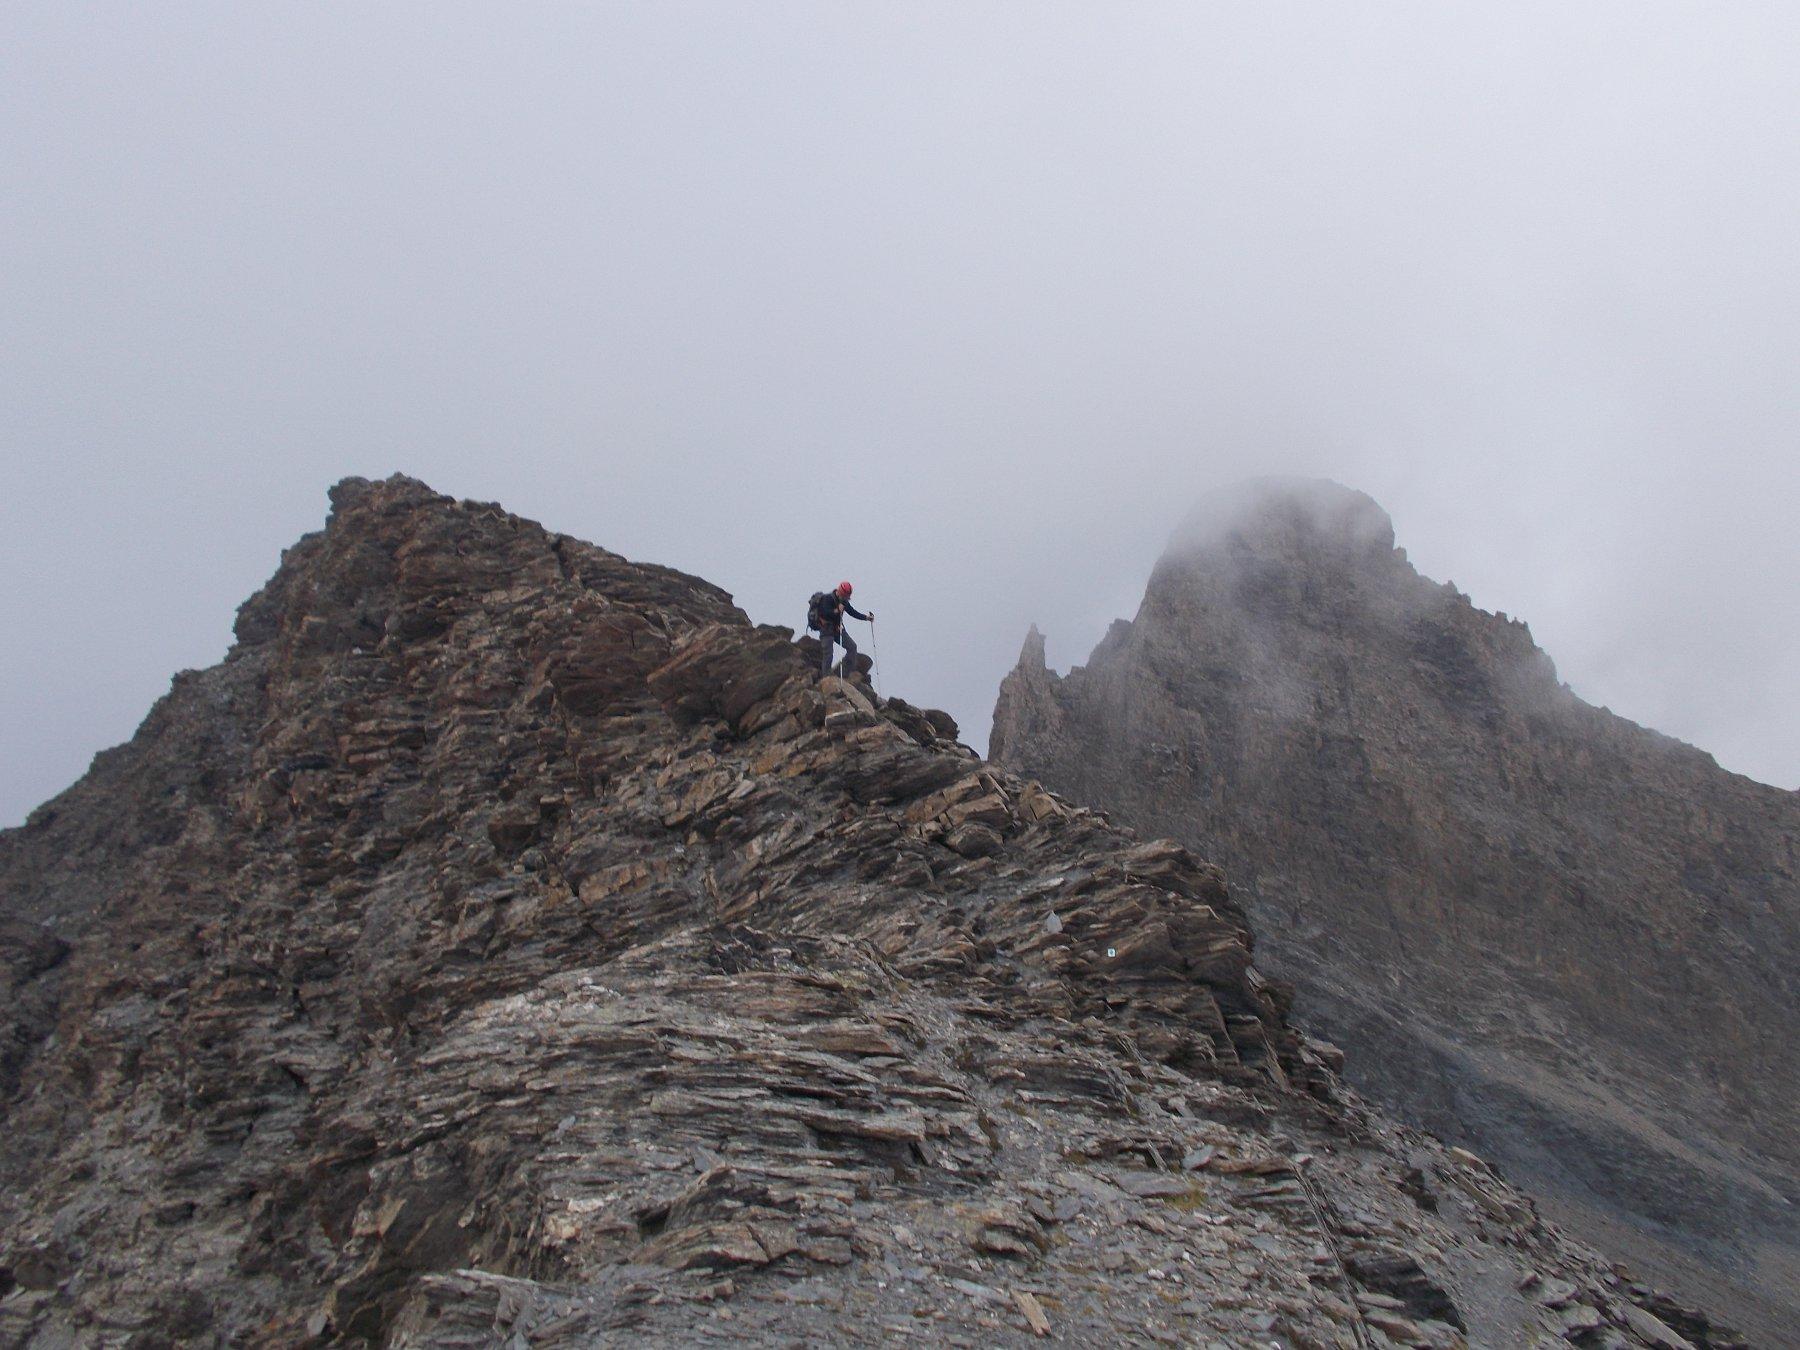 lasciaqndo il Pic d'Asti per il Mont Aiguillette..